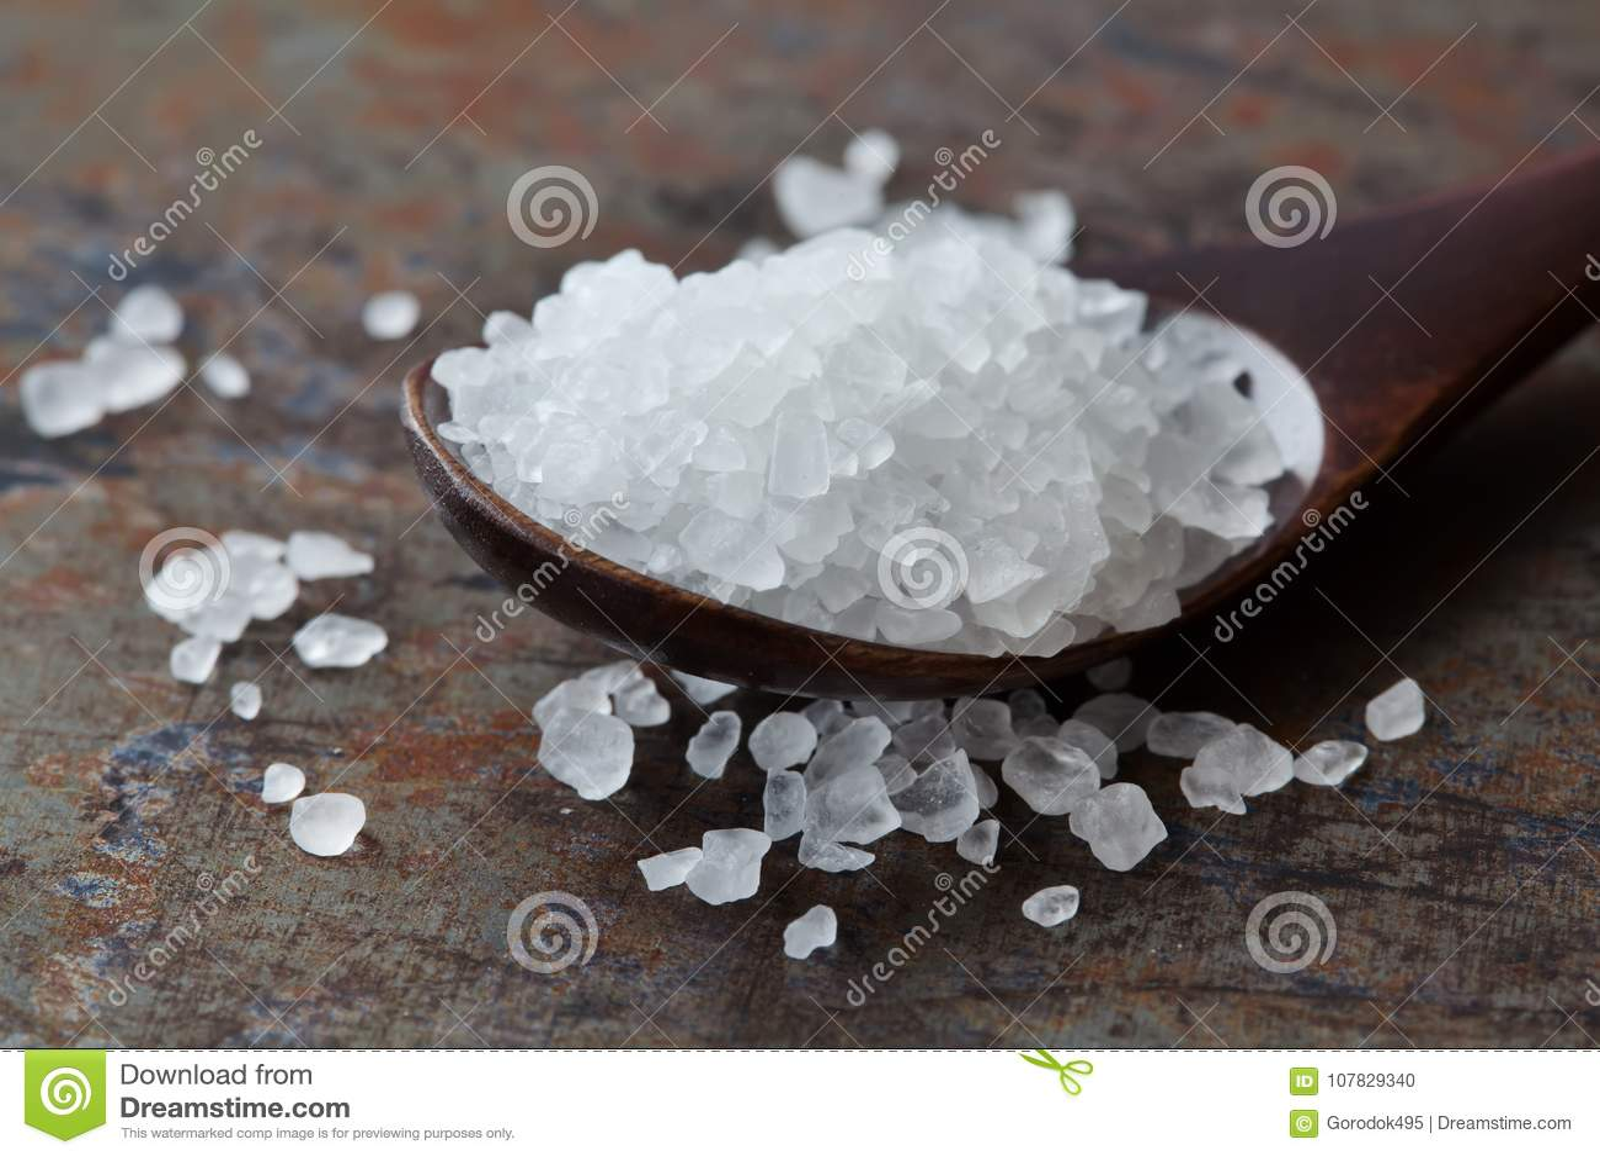 För smaktillsatsmakro för hav salt sikt Naturlig mineralisk för skyddande för mat för smaktillsats vit kristall salthaltig natriu